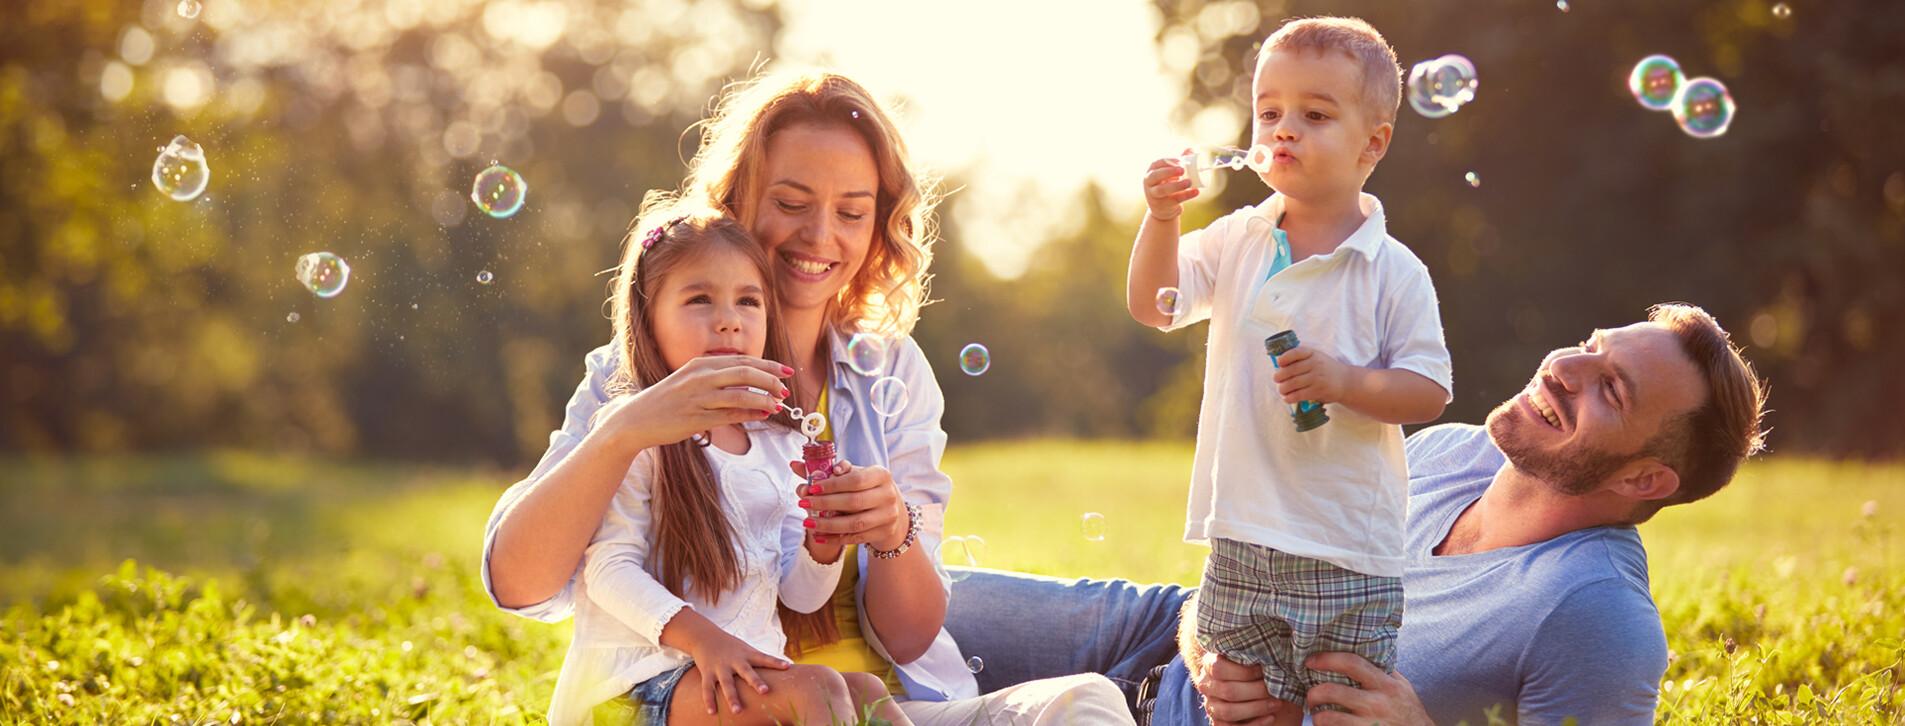 Фото 1 - Семейный уикенд в парк-отеле